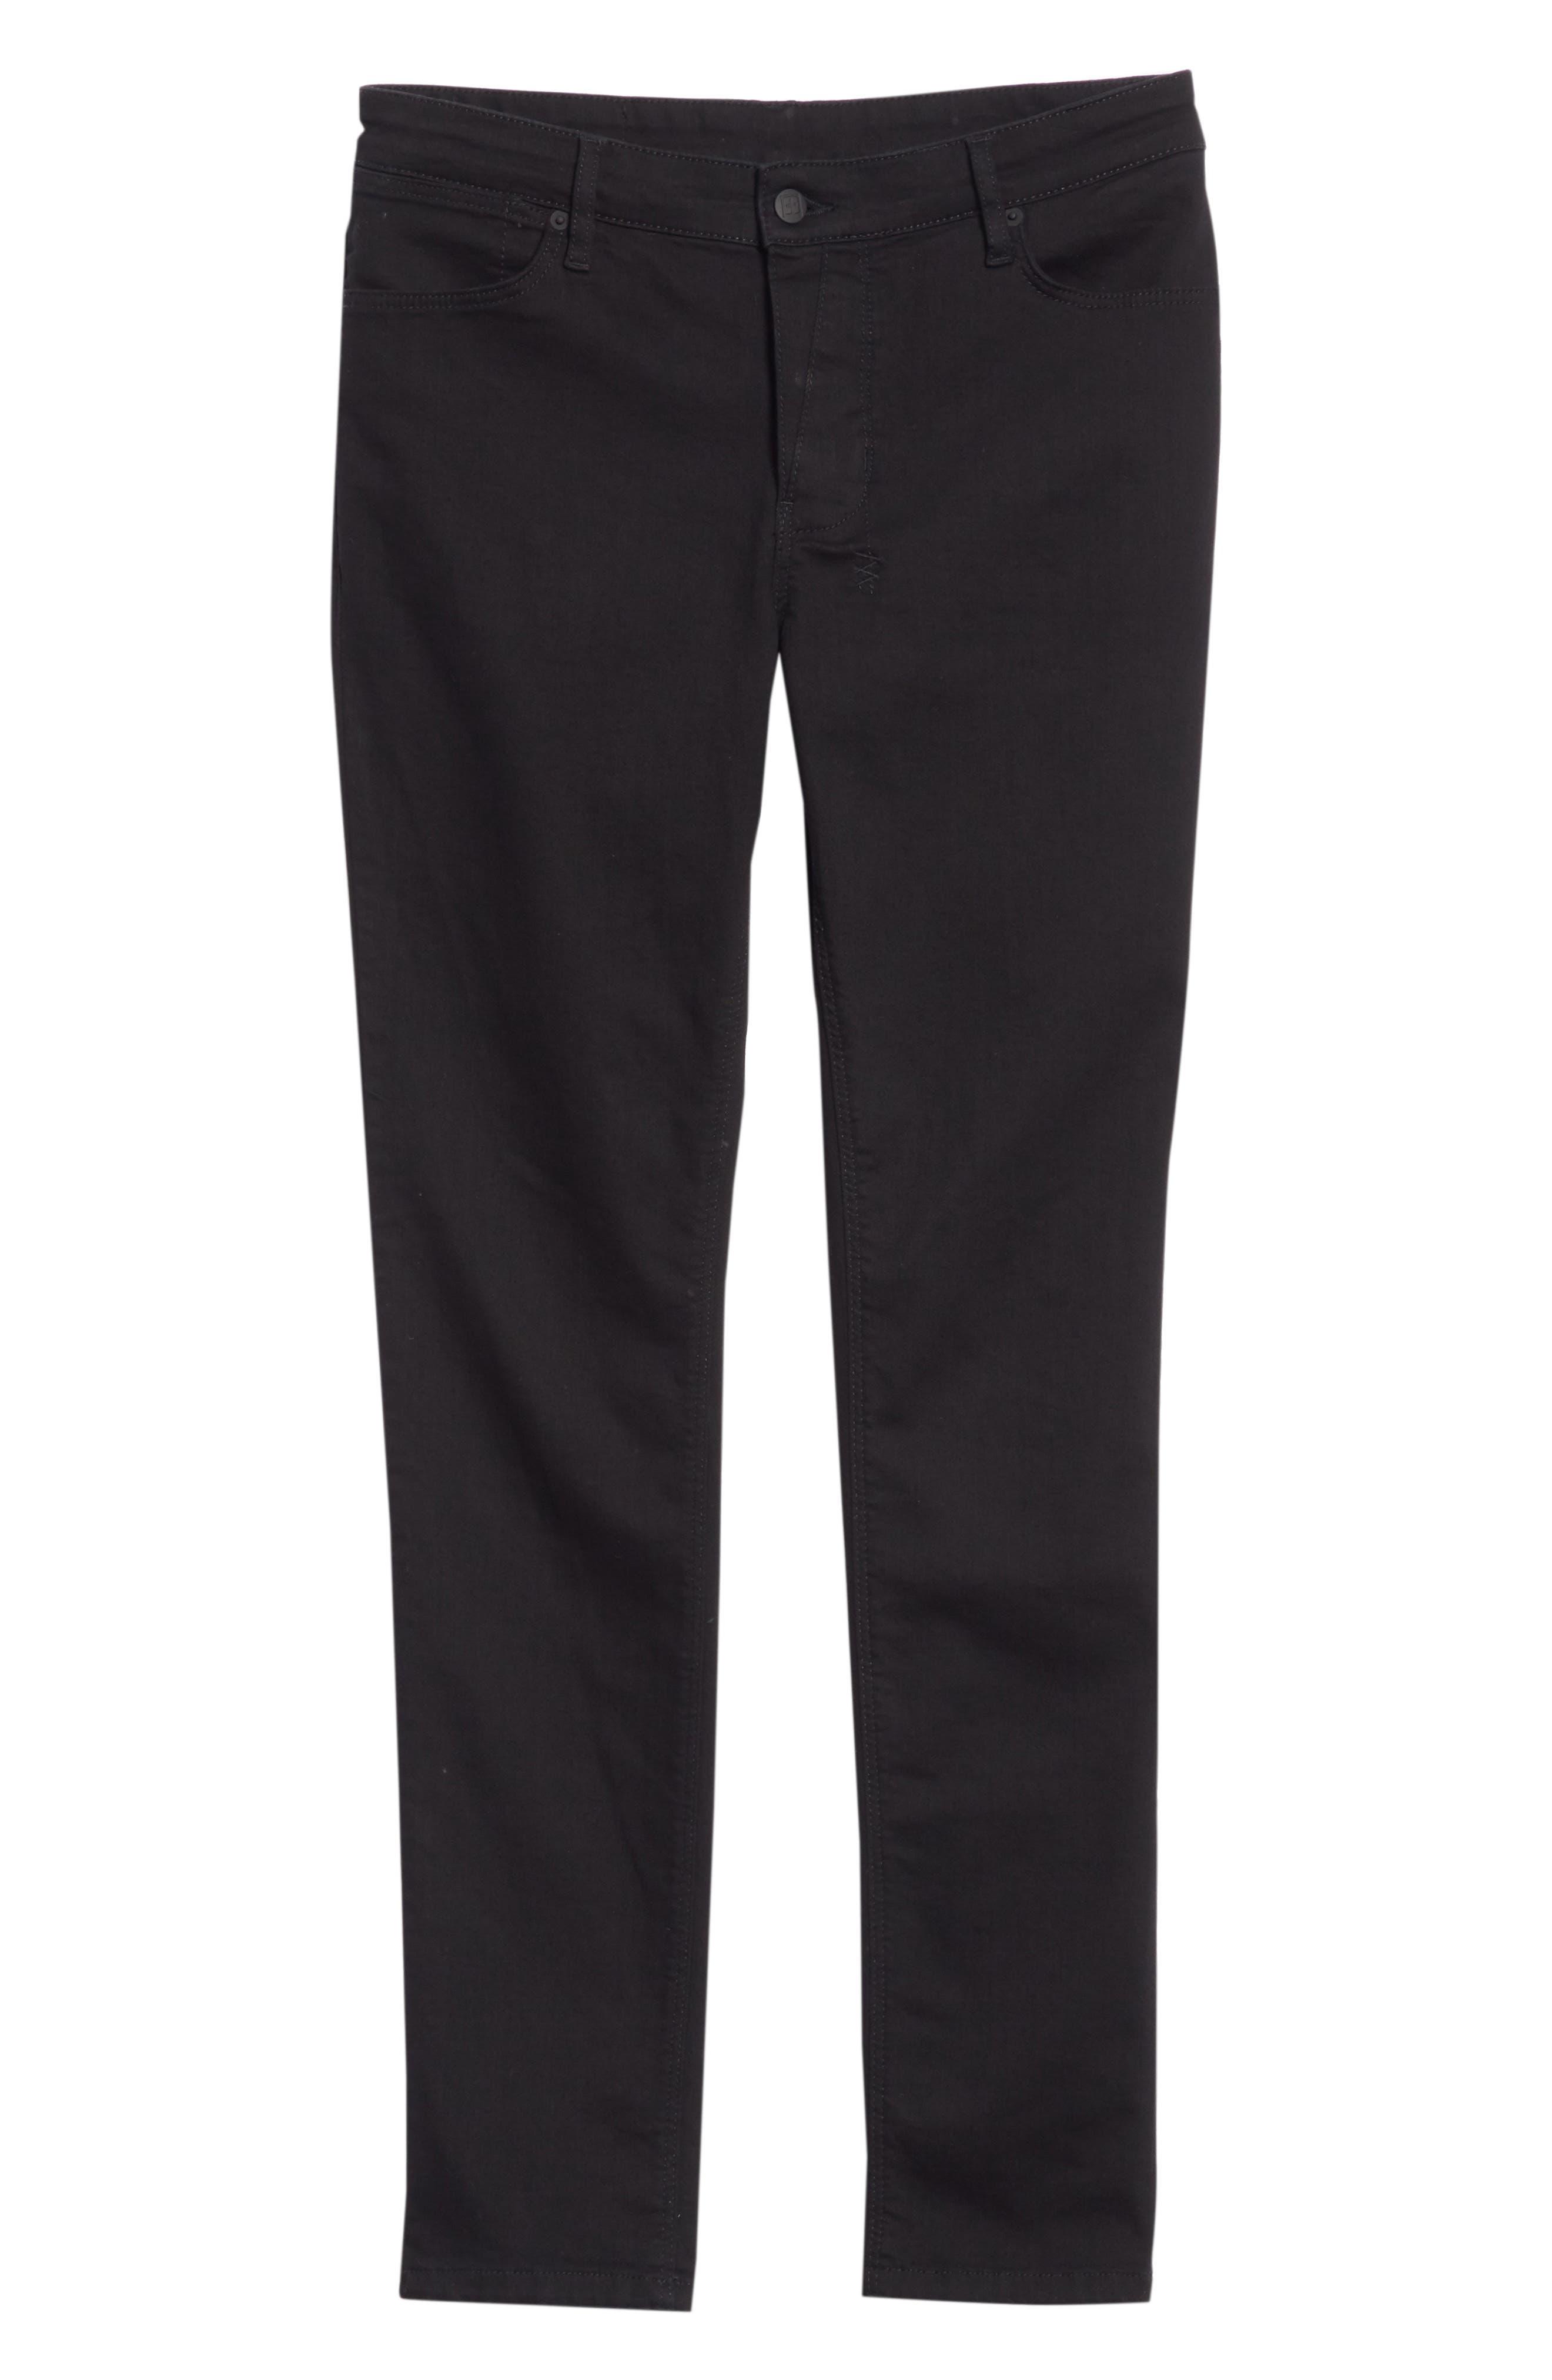 Van Winkle Black Rebel Skinny Fit Jeans,                             Alternate thumbnail 6, color,                             Black